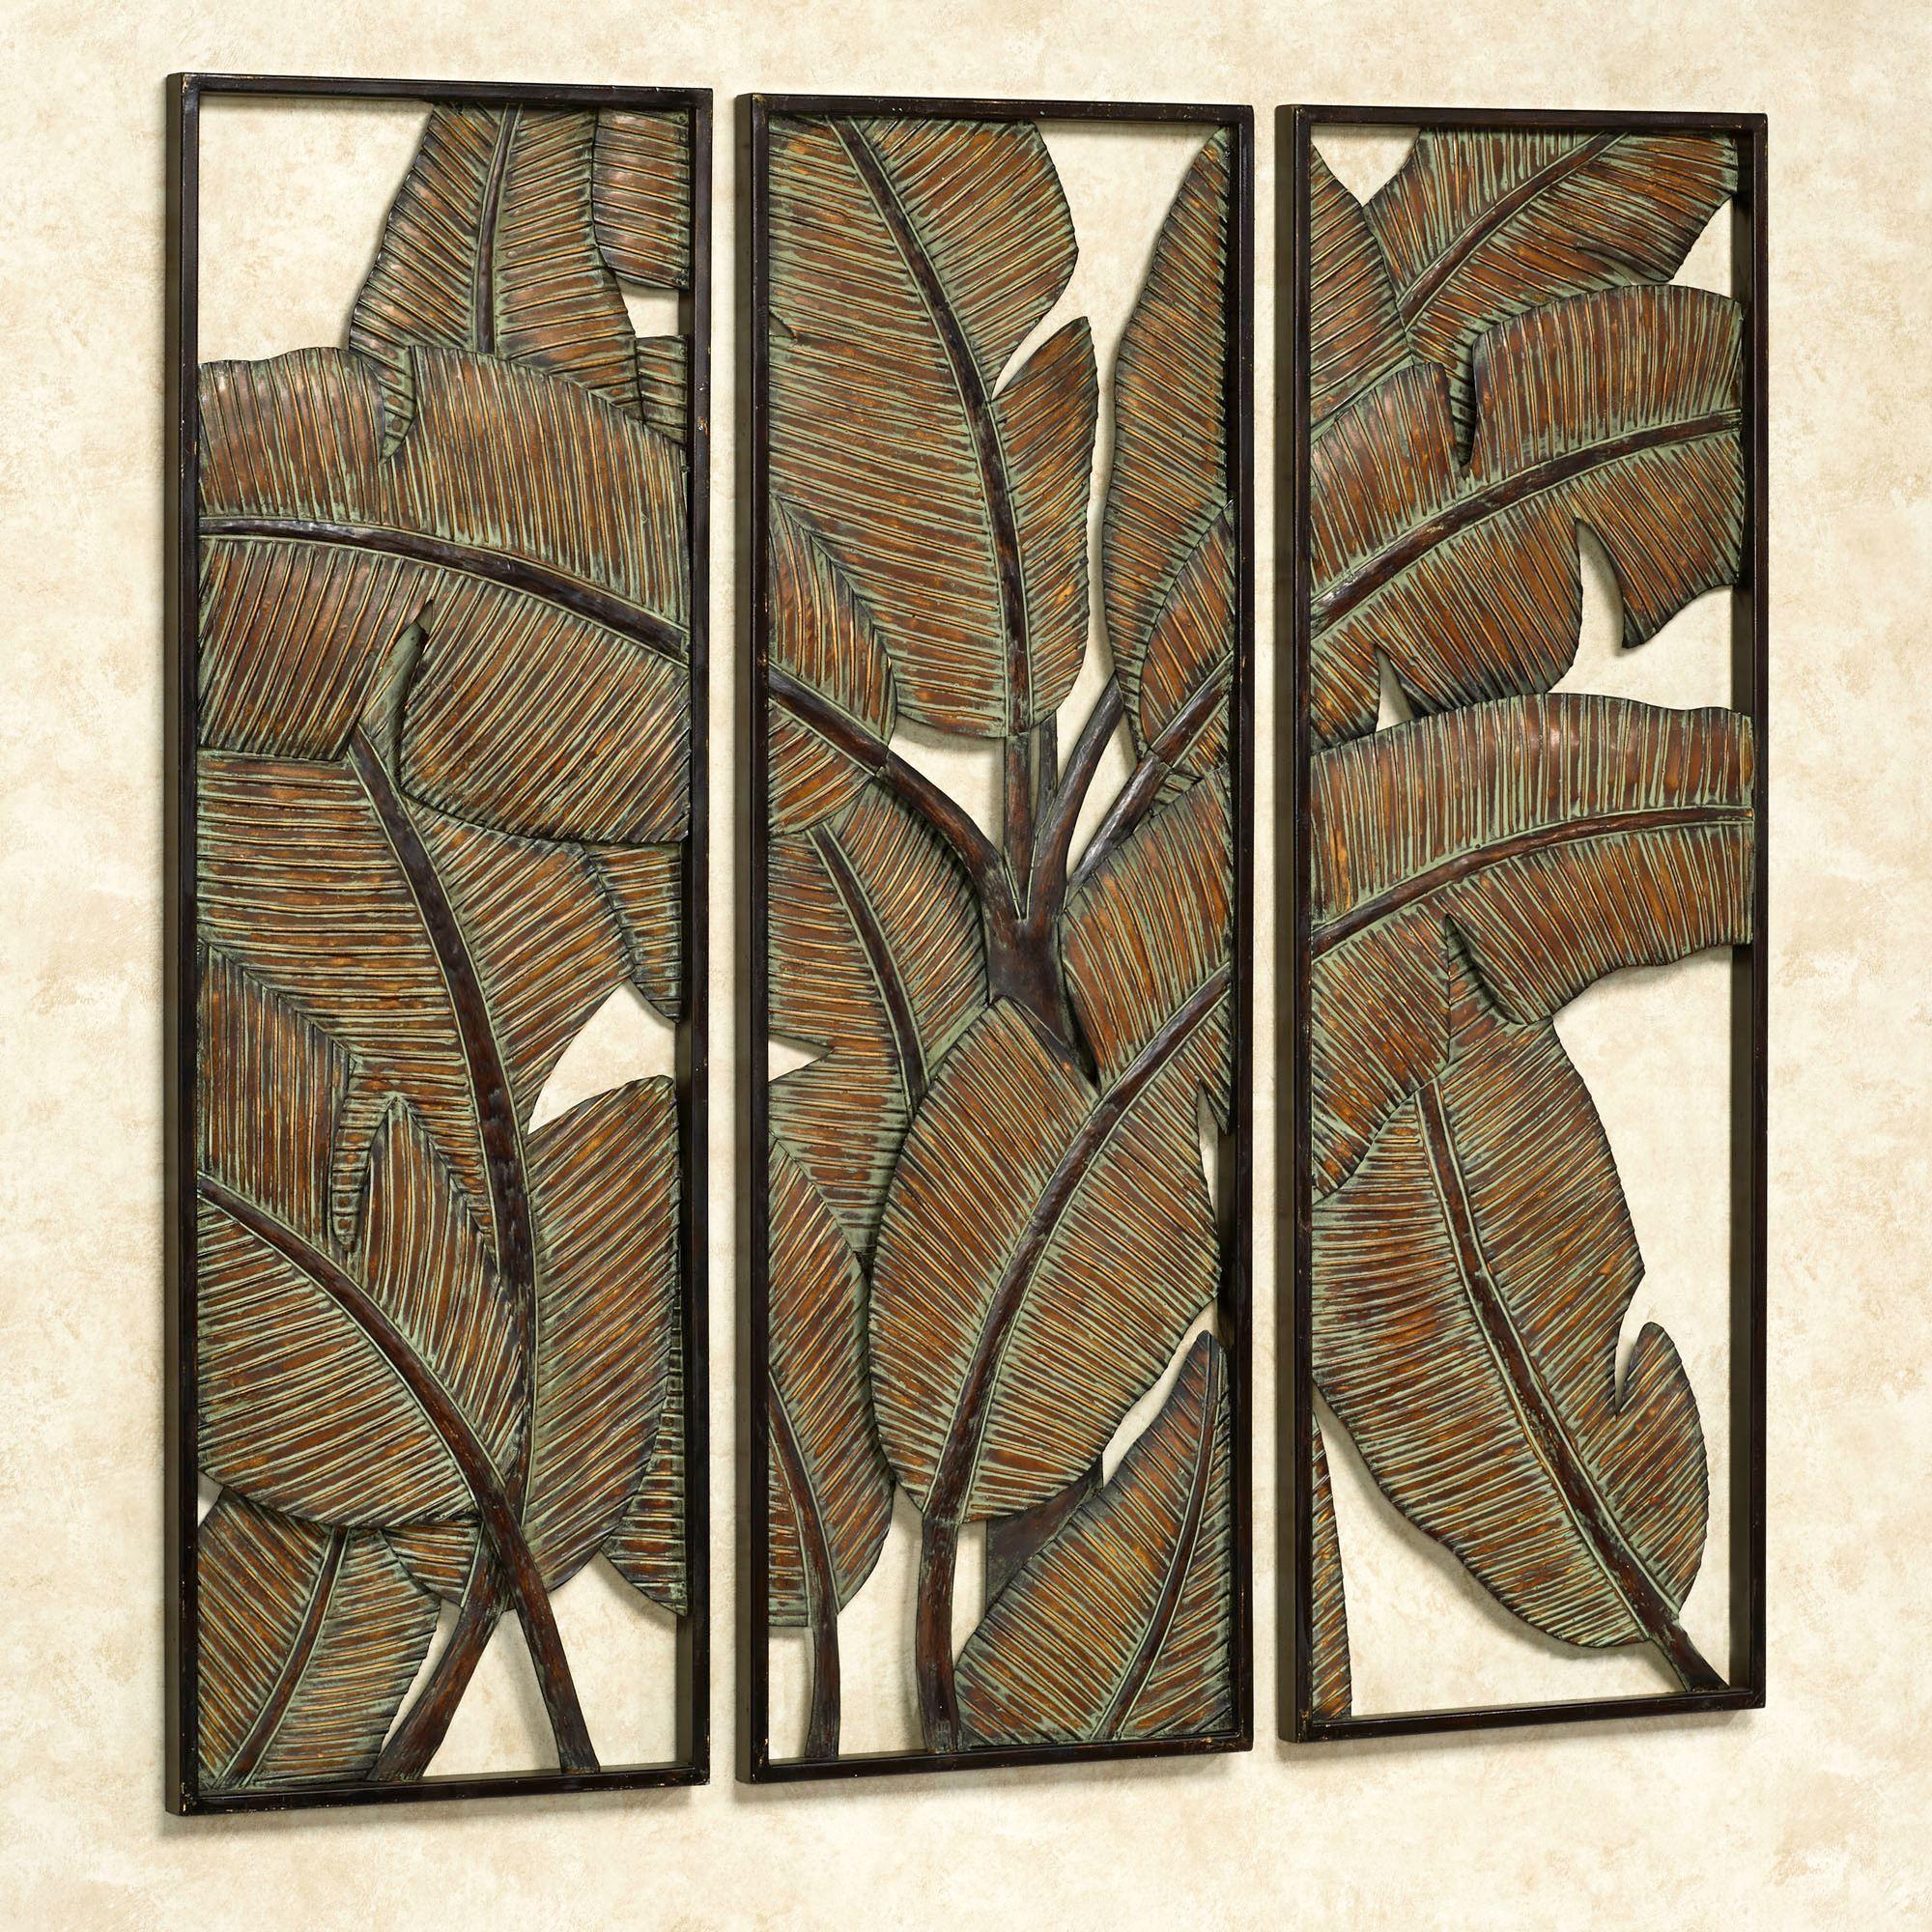 Kaylani Tropical Leaf Metal Wall Art Panel Set Throughout Metallic Wall Art (Image 8 of 20)